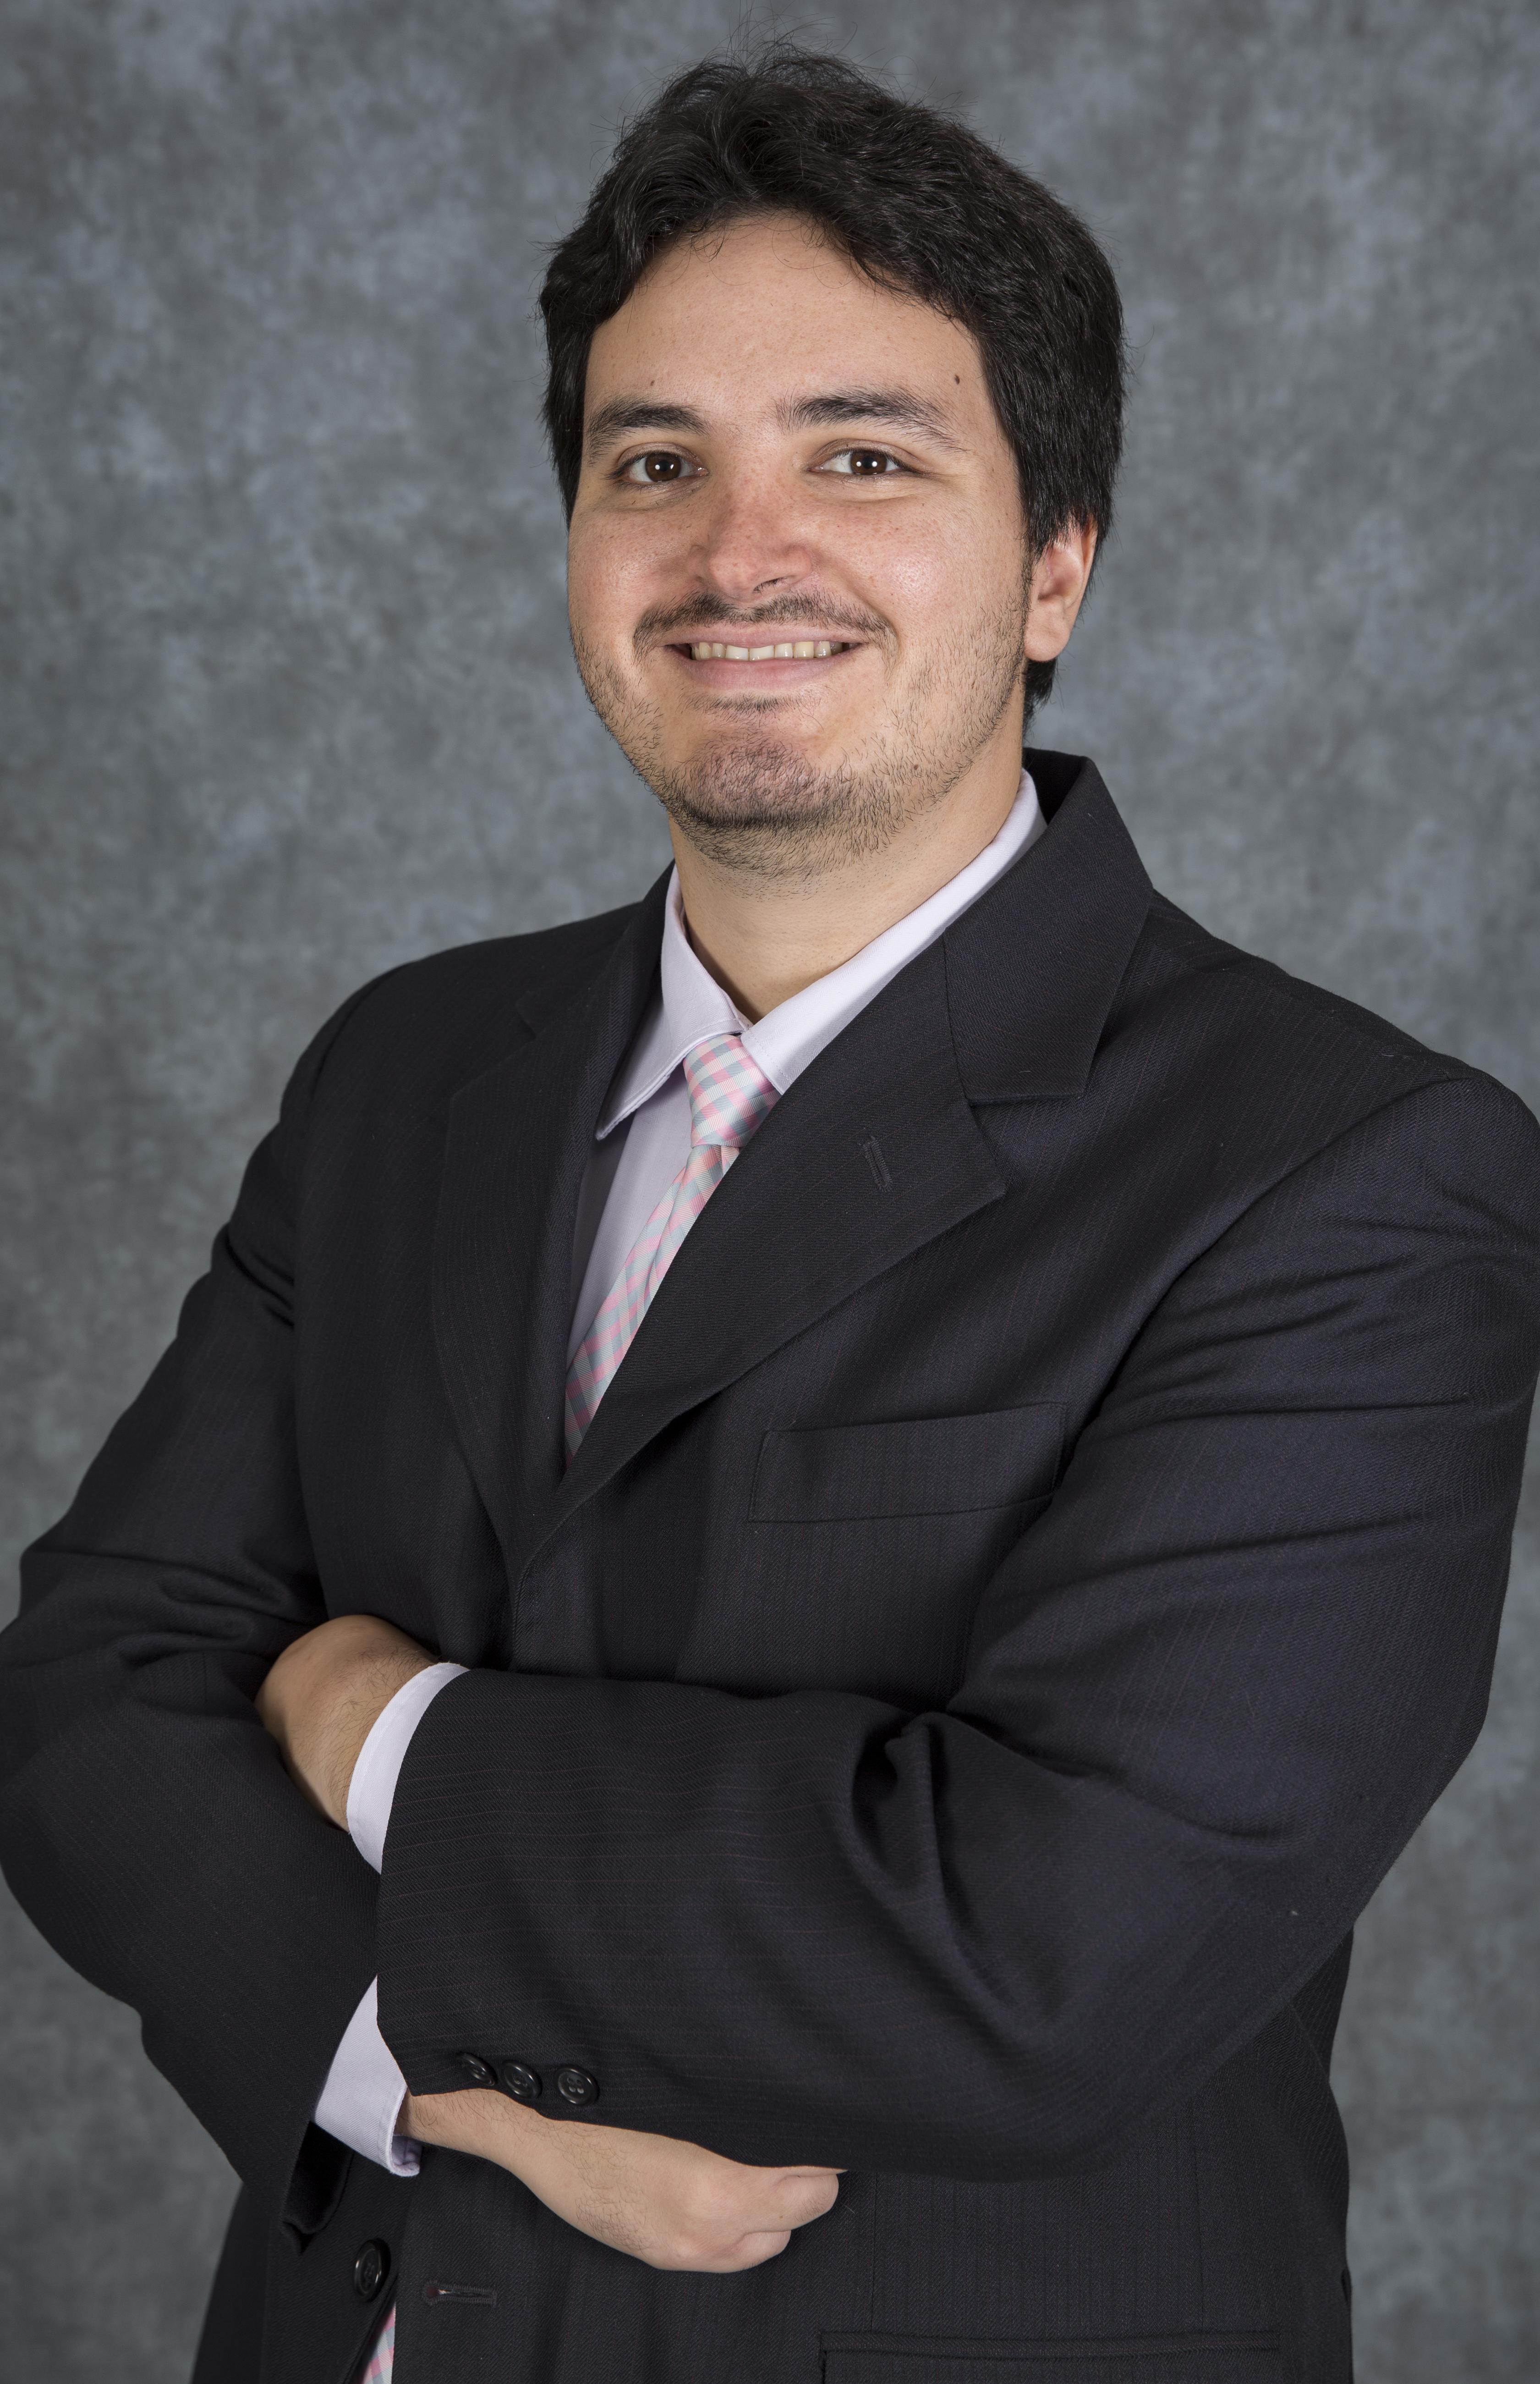 Jose Morales-Arilla